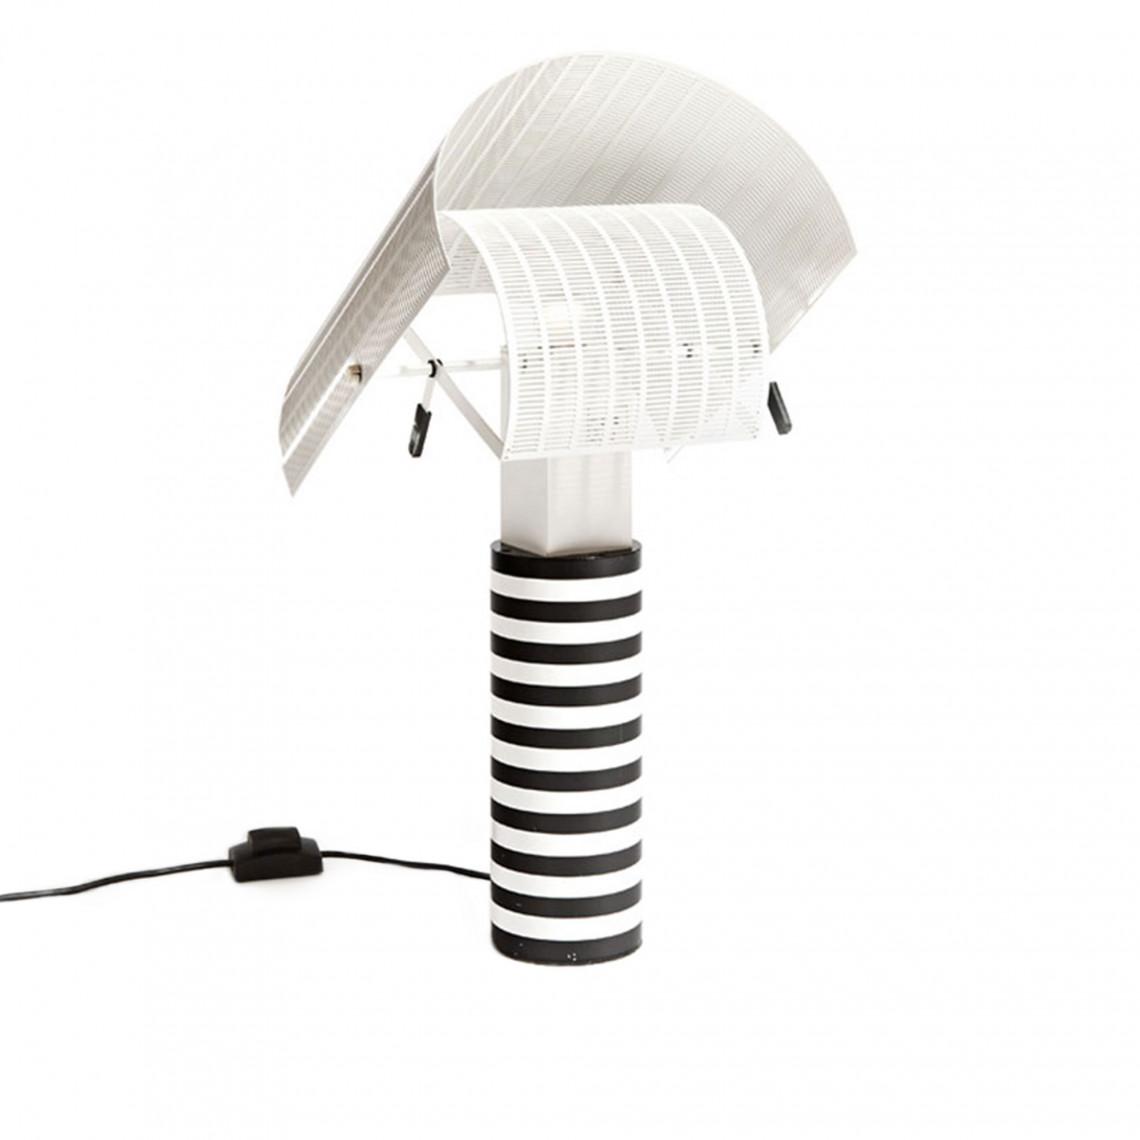 Shogun Bordslampa